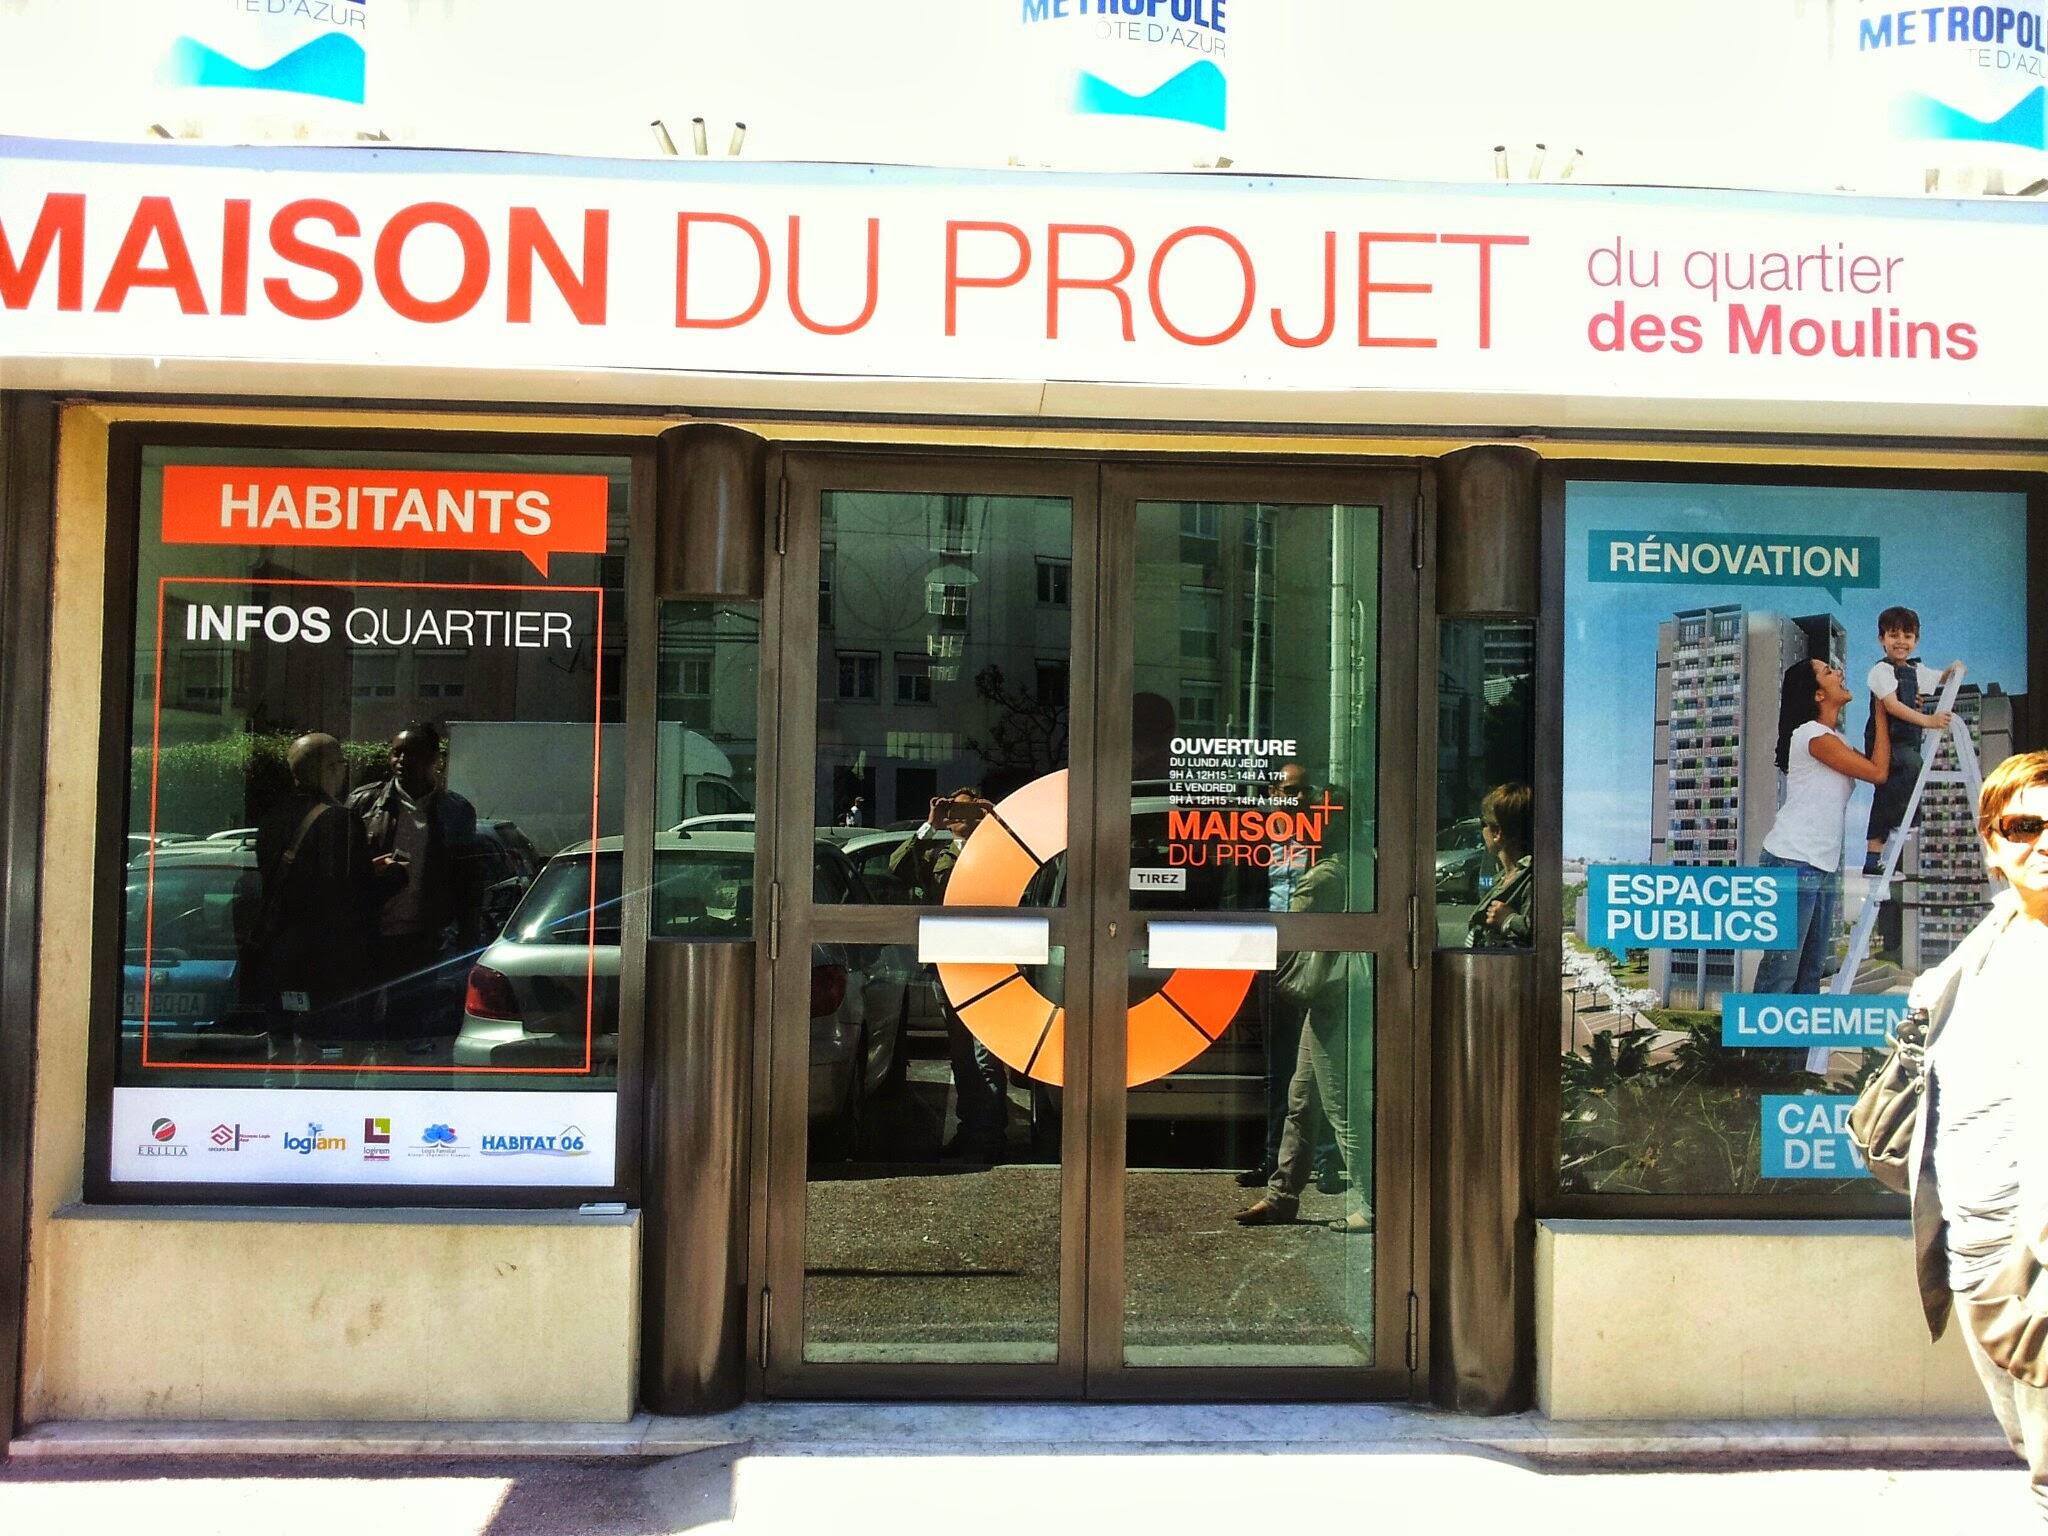 Rencontre r gionale de l Autisme de Nice - 15 novembre 2012